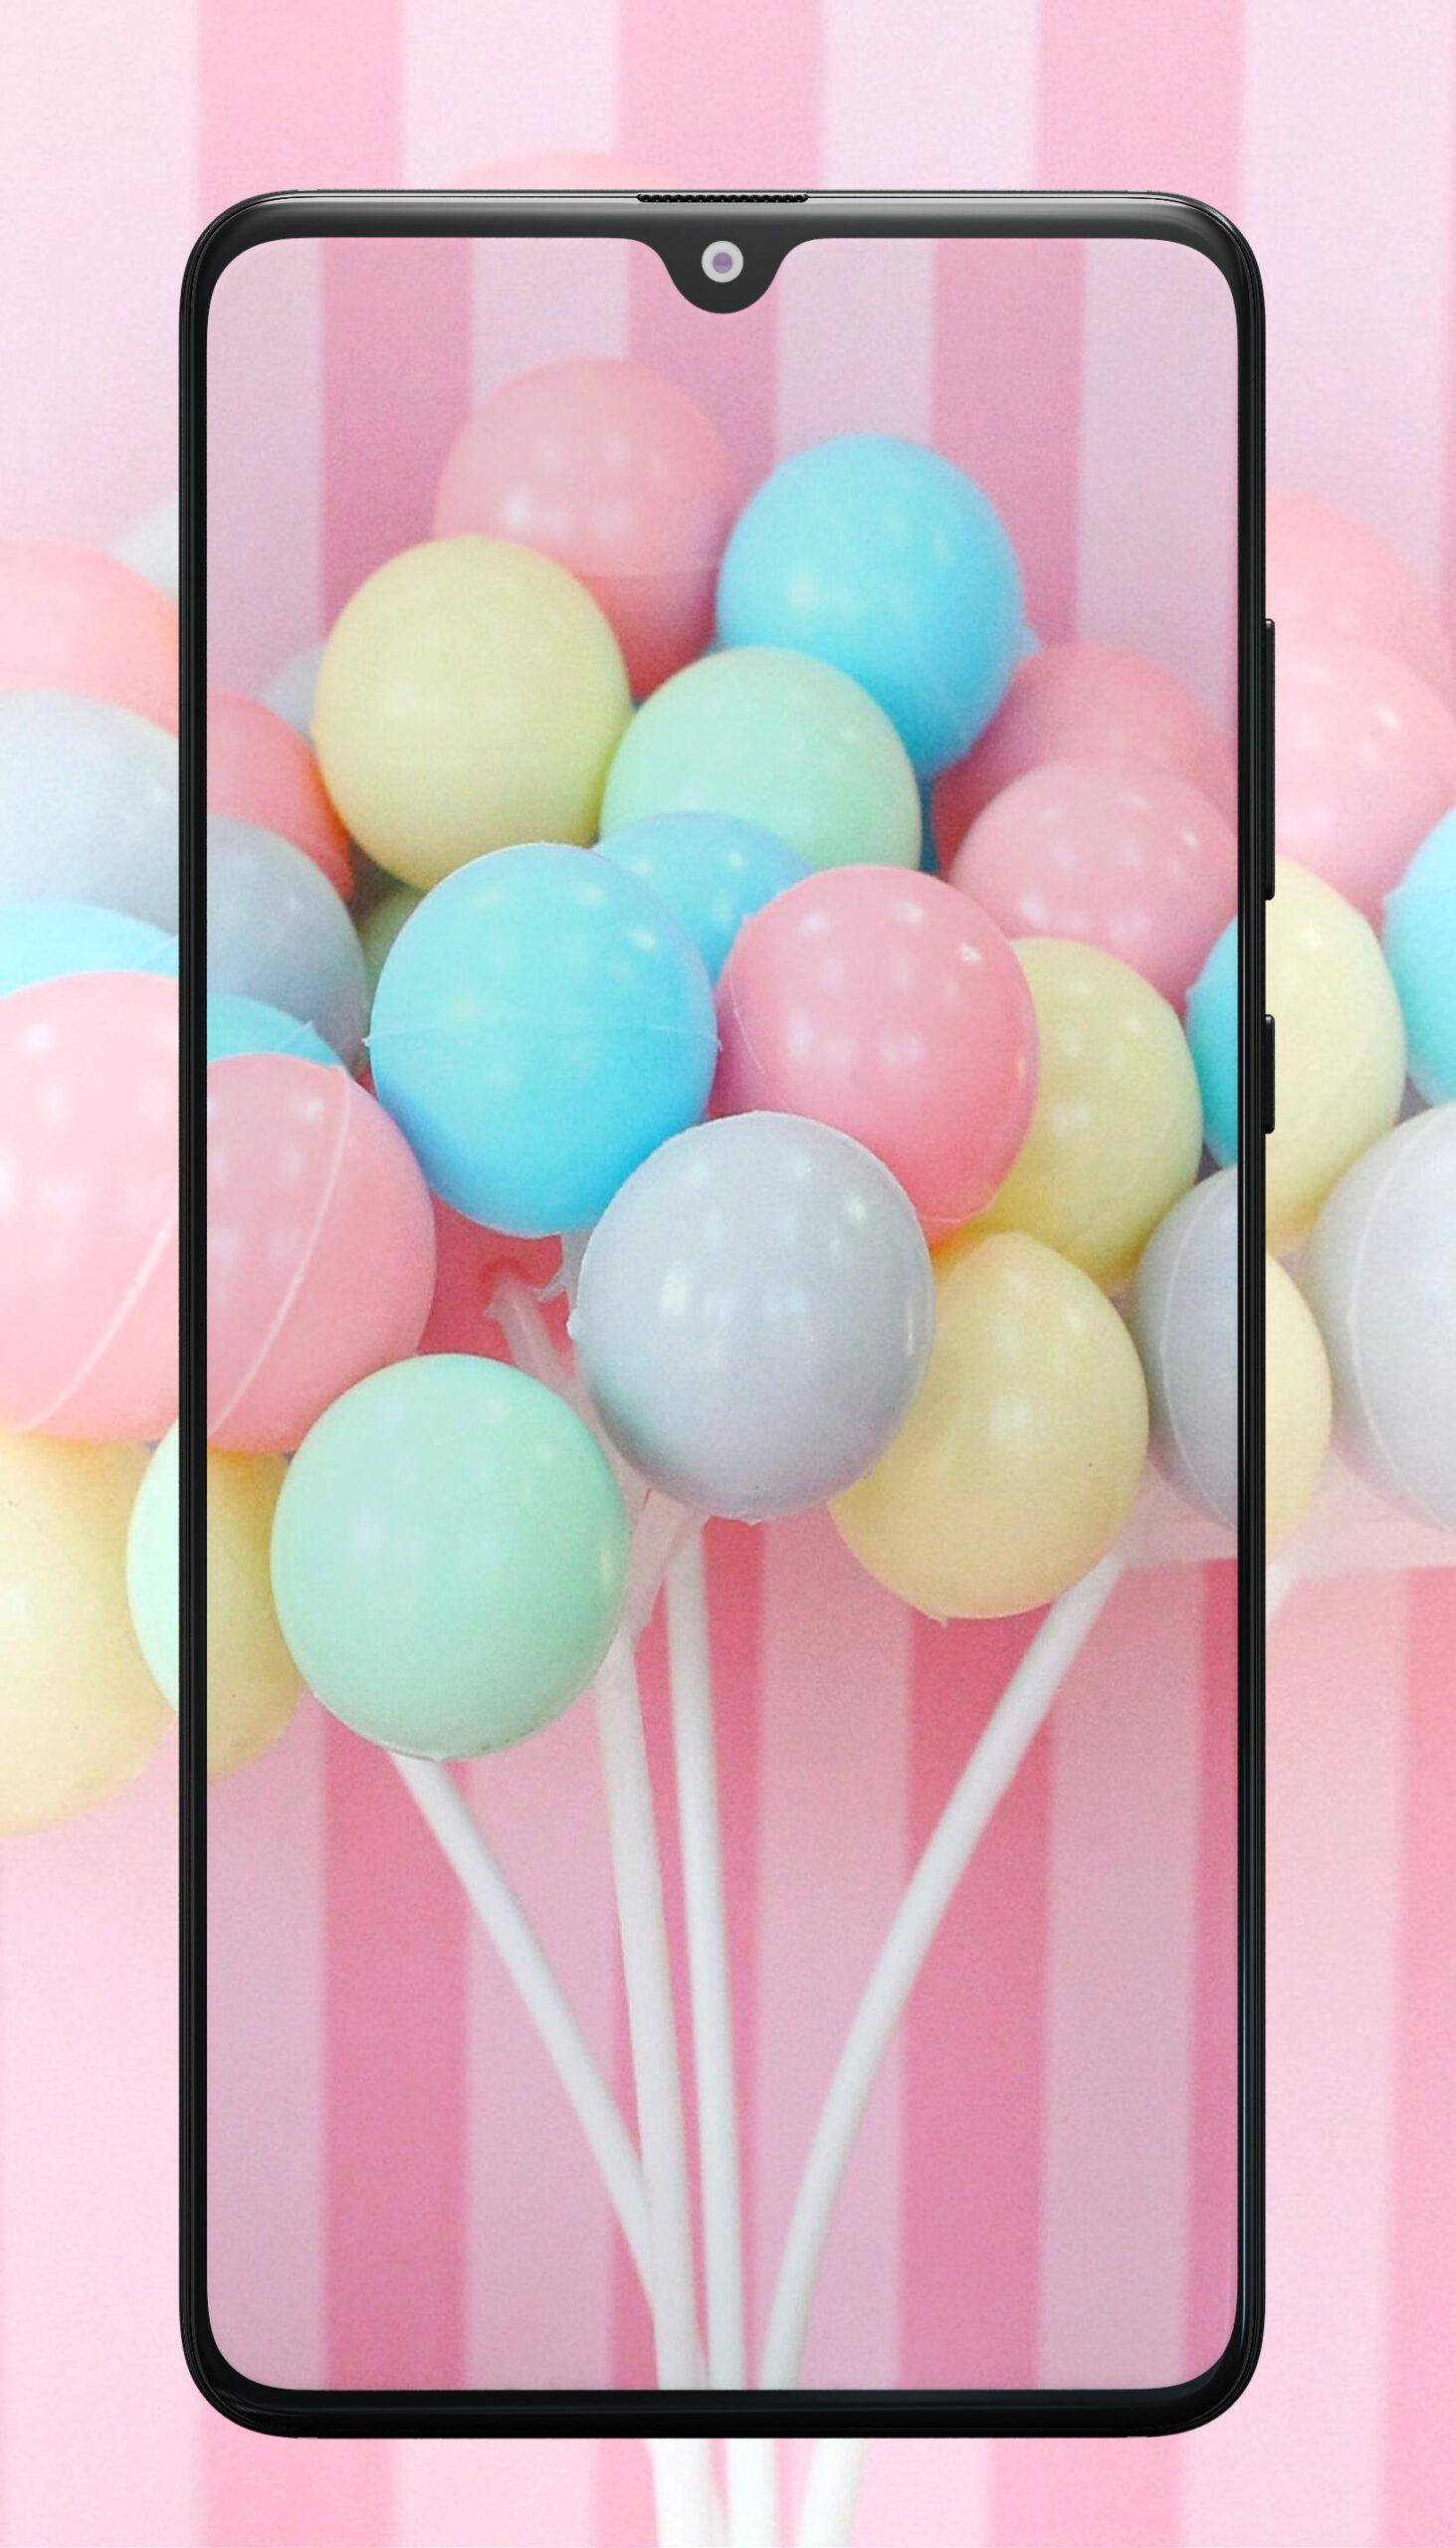 Fondos grandiosos color pastel